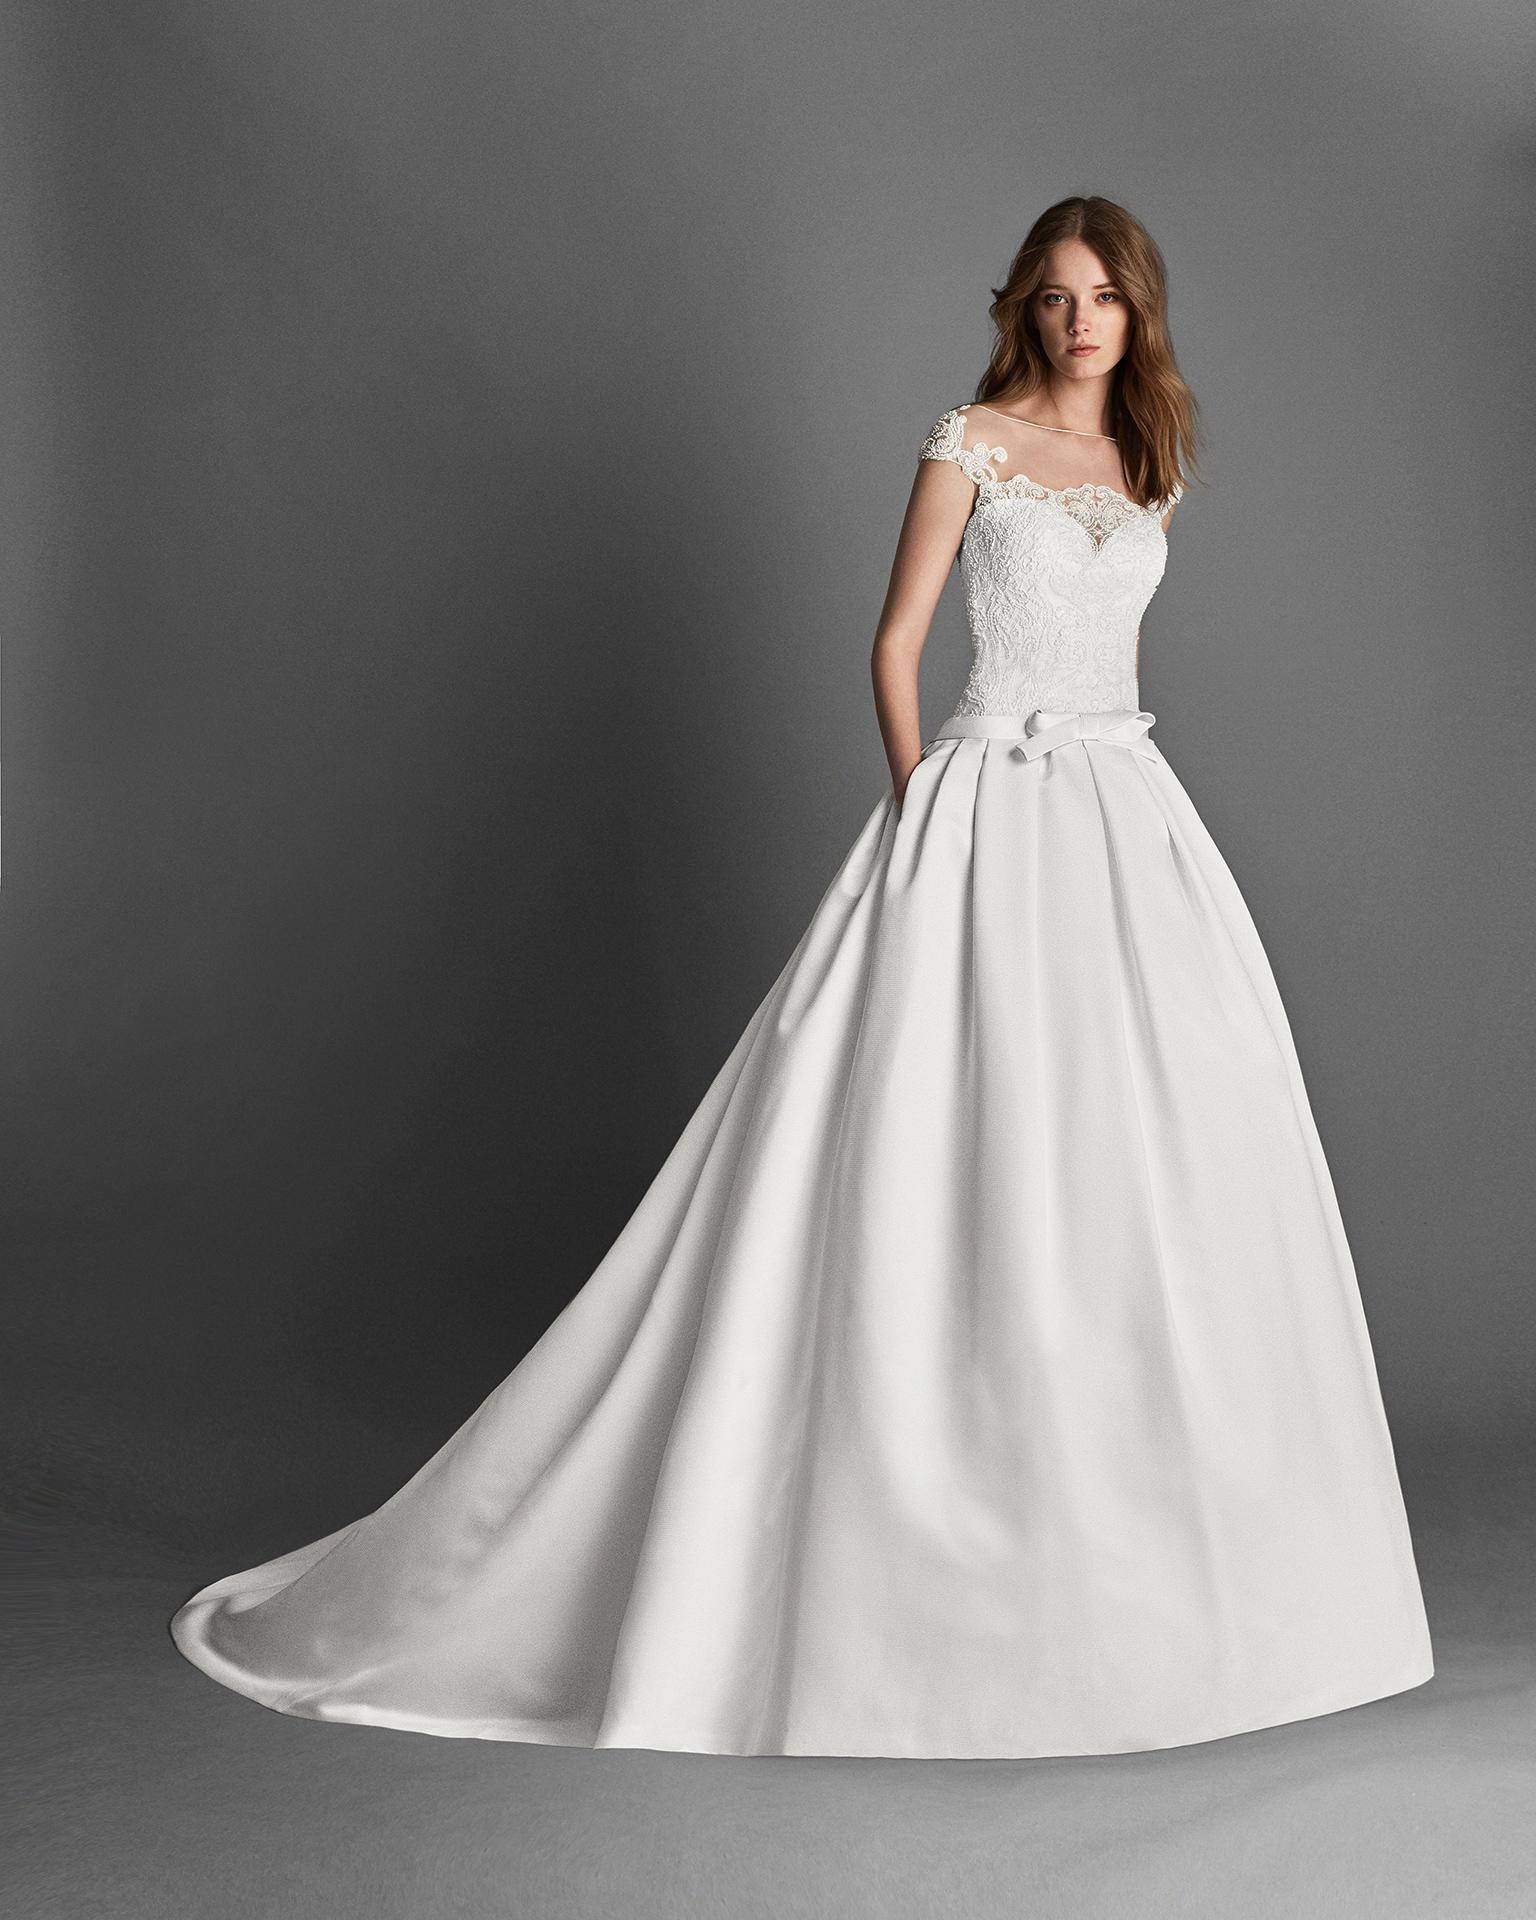 Vestido de novia estilo clásico de ottoman y encaje pedrería de manga corta, con bolsillos en color natural.